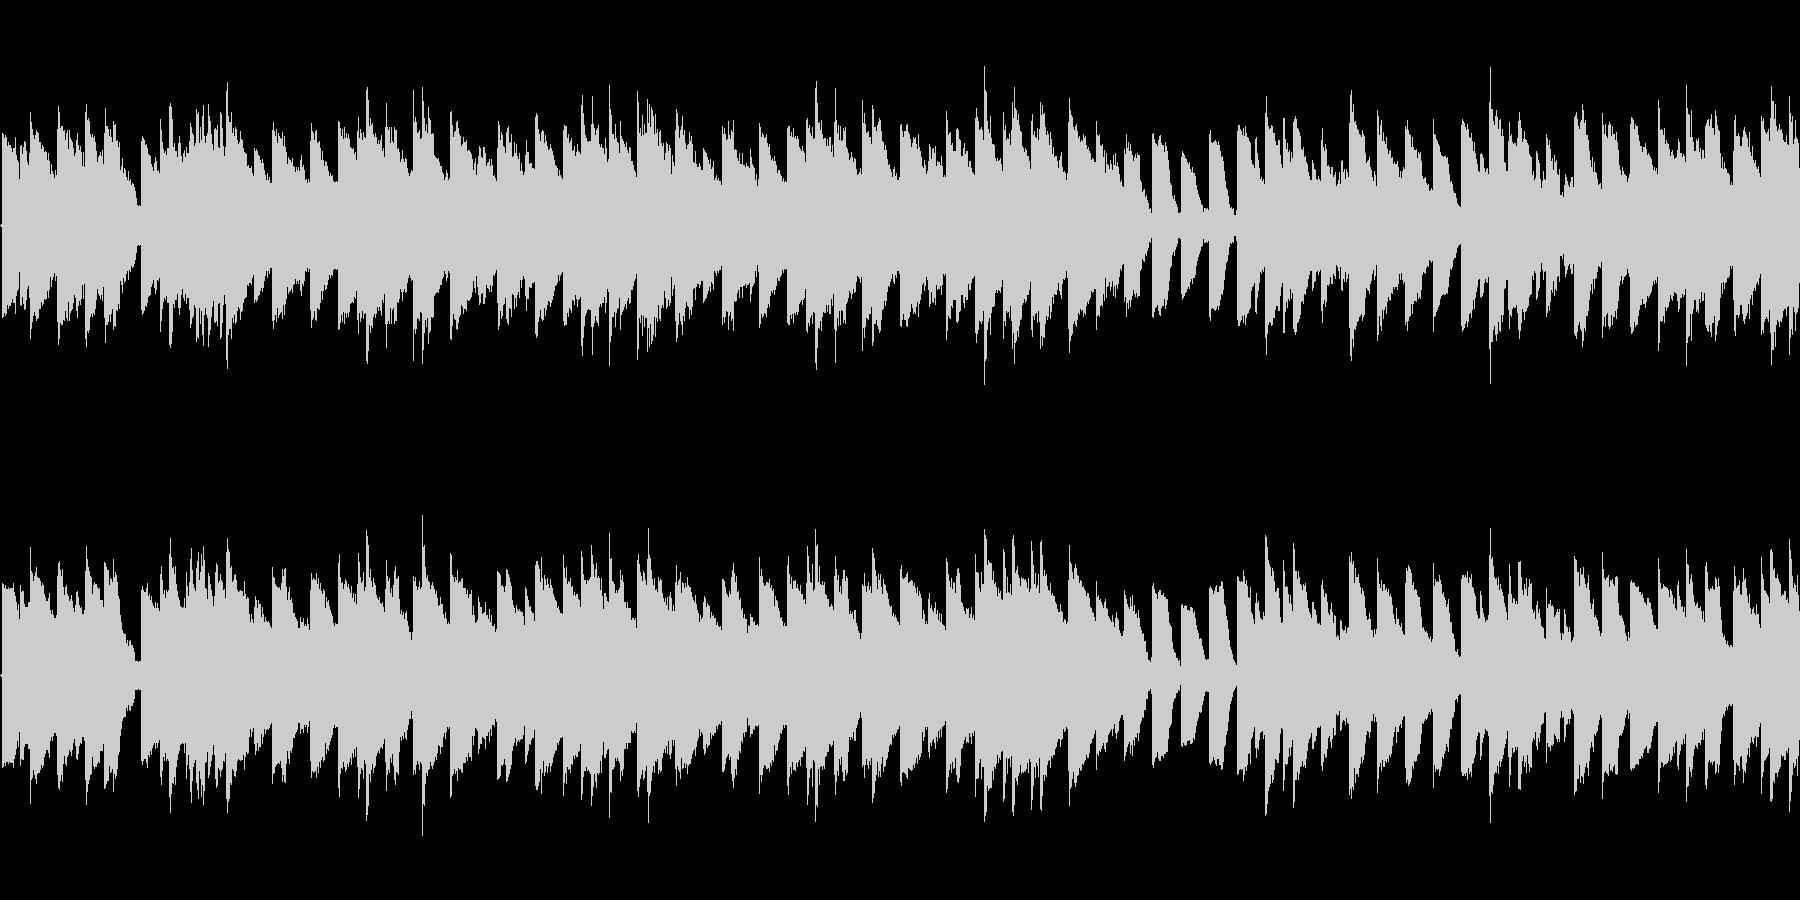 チップチューンのレトロゲーム調BGMの未再生の波形